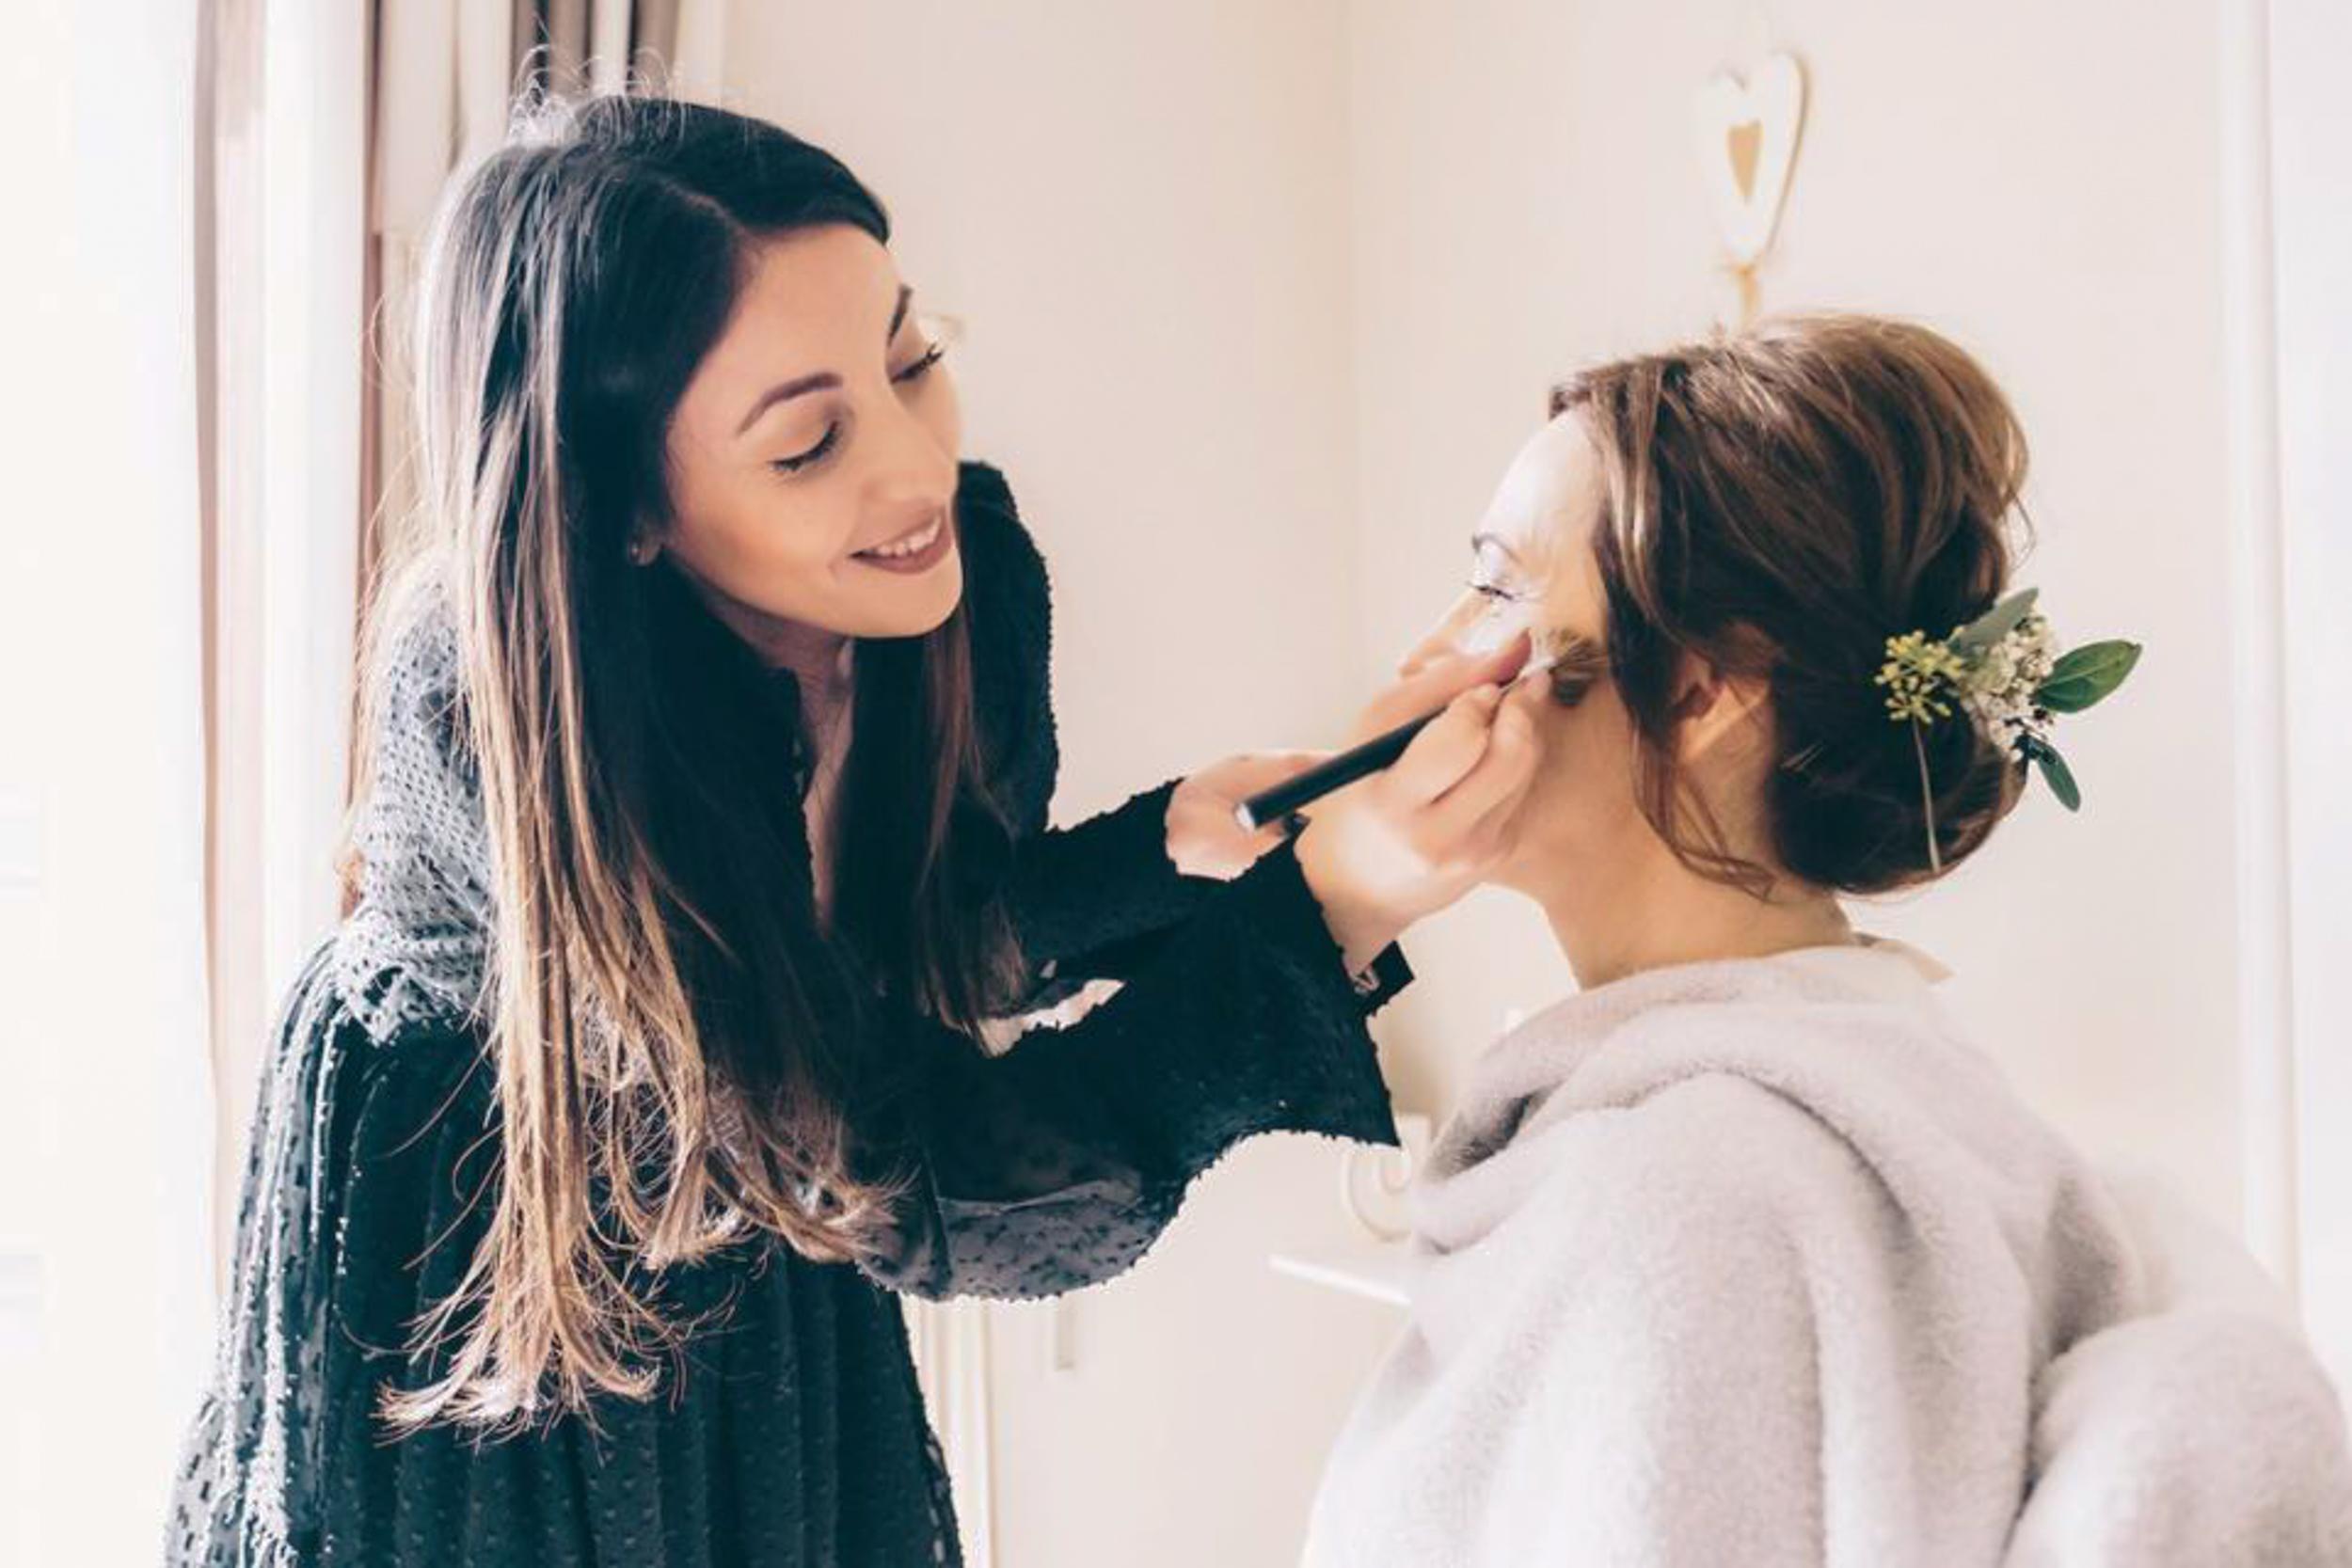 BRIDAL STYLING - Natürlich - Schön - Stilvoll. Das sind unsere Stilzucker Bräute. Unser Team aus professionellen Hair & Make up Artisten zaubert euch das passende Styling und kreieren EUREN Look! Sehr gerne auch für eure Trauzeuginnen, Bridemaids und Hochzeitsgäste.